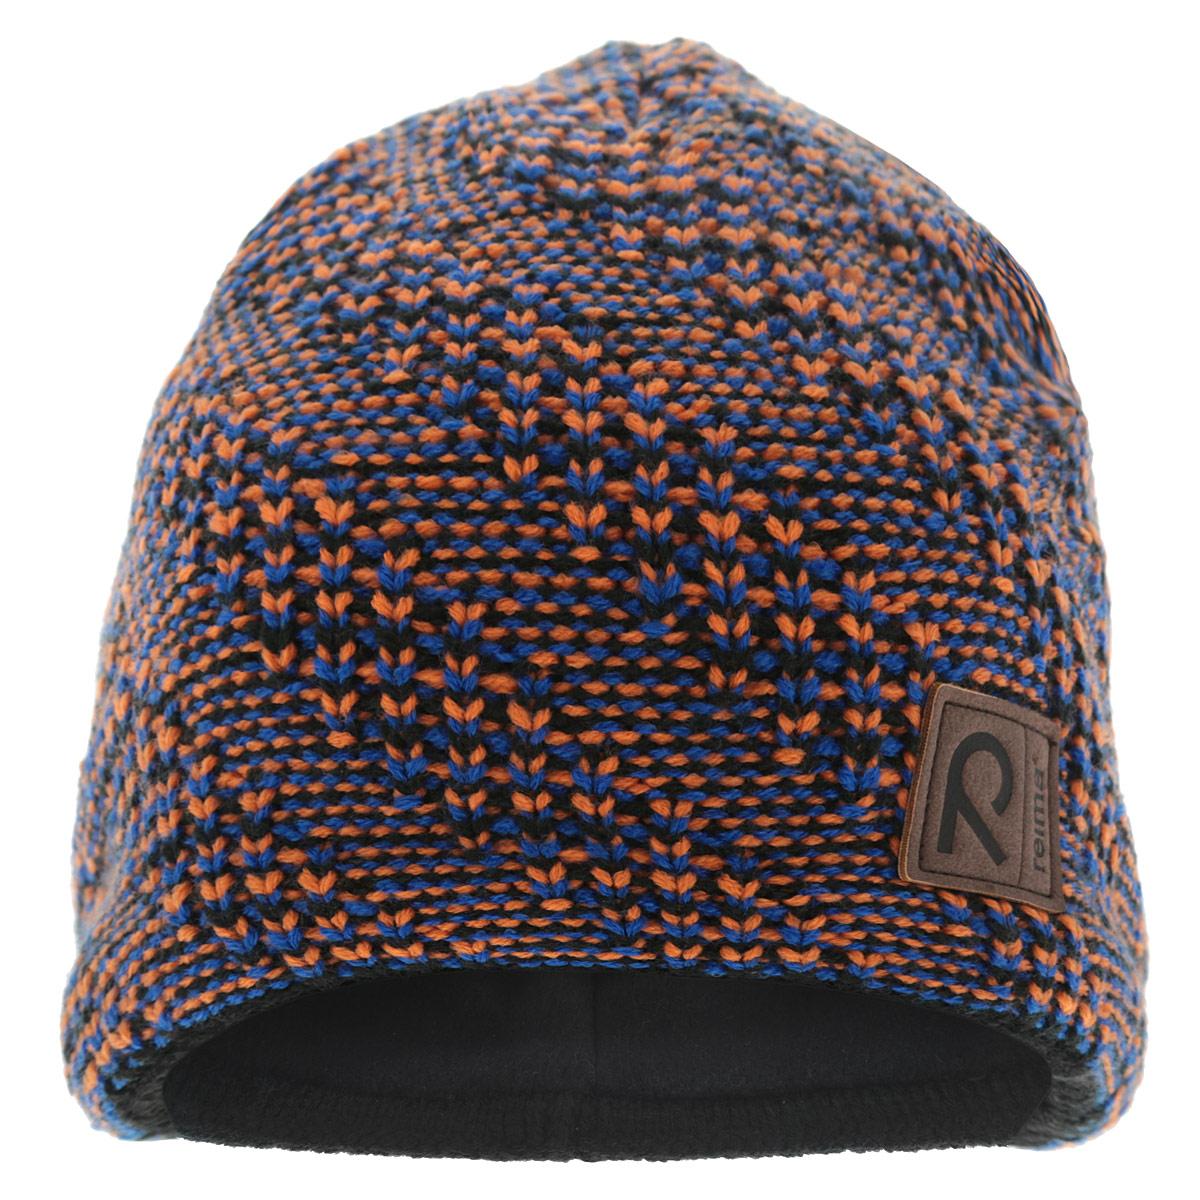 538012-6590Уютная теплая детская шапка Reima идеально подойдет для прогулок в холодное время года. Шапочка мелкой вязки с ветрозащитными вставками в области ушей, выполненная из акриловой пряжи, максимально сохраняет тепло, она мягкая и идеально прилегает к голове. Шапочка хорошо тянется и устойчива к сминанию. Мягкая подкладка выполнена из полиэстера, поэтому шапка хорошо сохраняет тепло и не продувается. Такая шапка станет модным и стильным дополнением гардероба вашего малыша. Она поднимет ему настроение даже в самые морозные дни! Уважаемые клиенты! Размер, доступный для заказа, является обхватом головы.